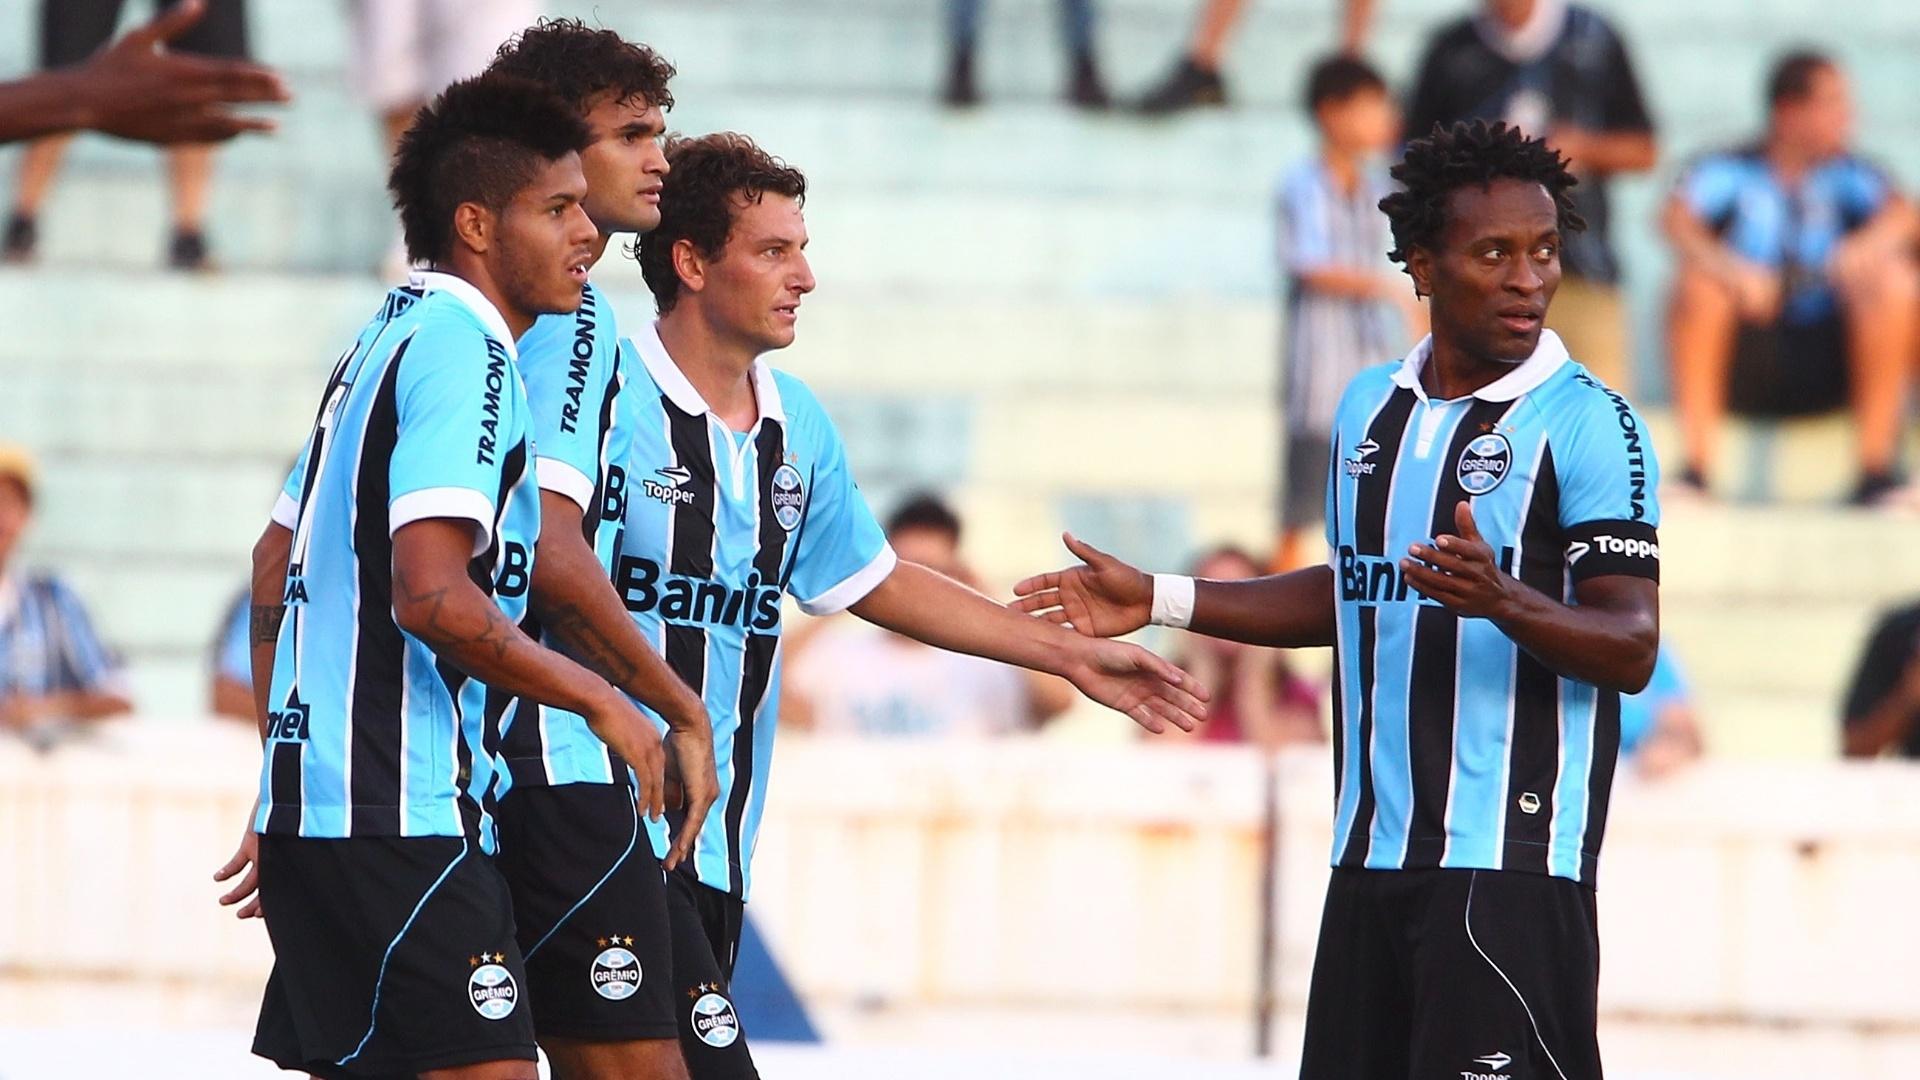 06.fev.2013 - Elano (centro) comemora após marcar pelo Grêmio na partida contra o São José, pelo Campeonato Gaúcho